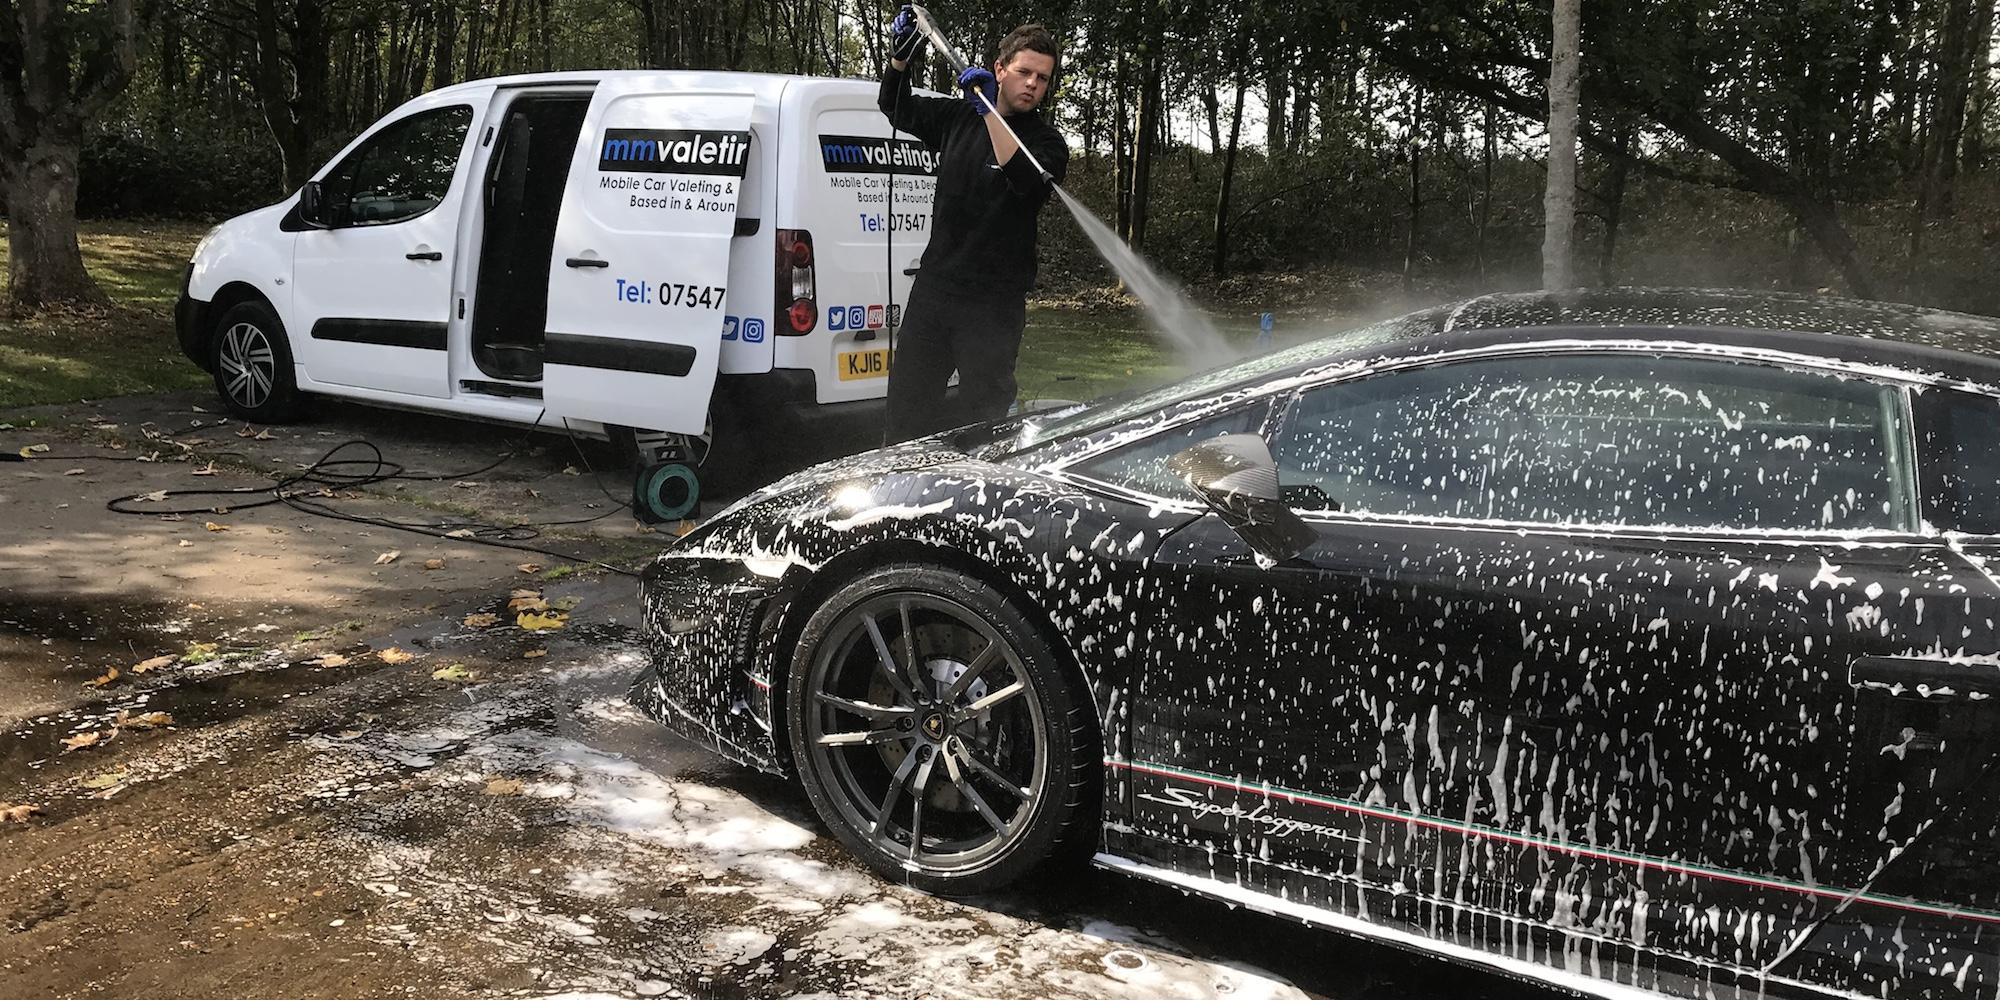 mmvaleting car valeting in Buckinghamshire